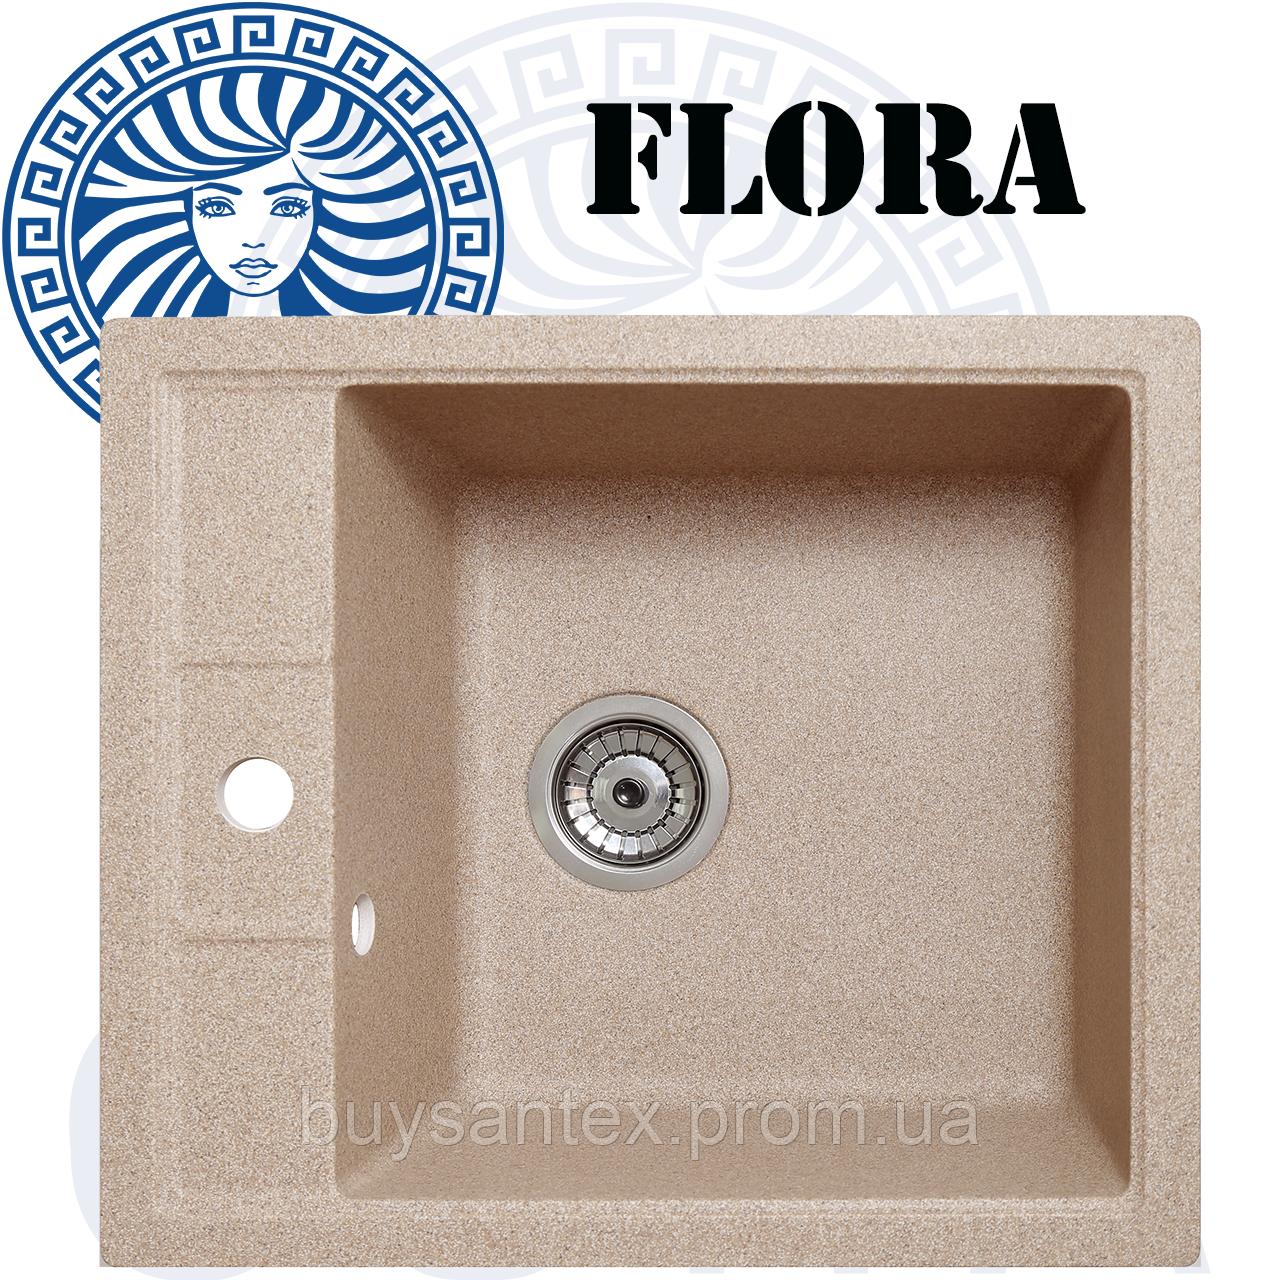 Кухонная мойка Cora - Flora Sand